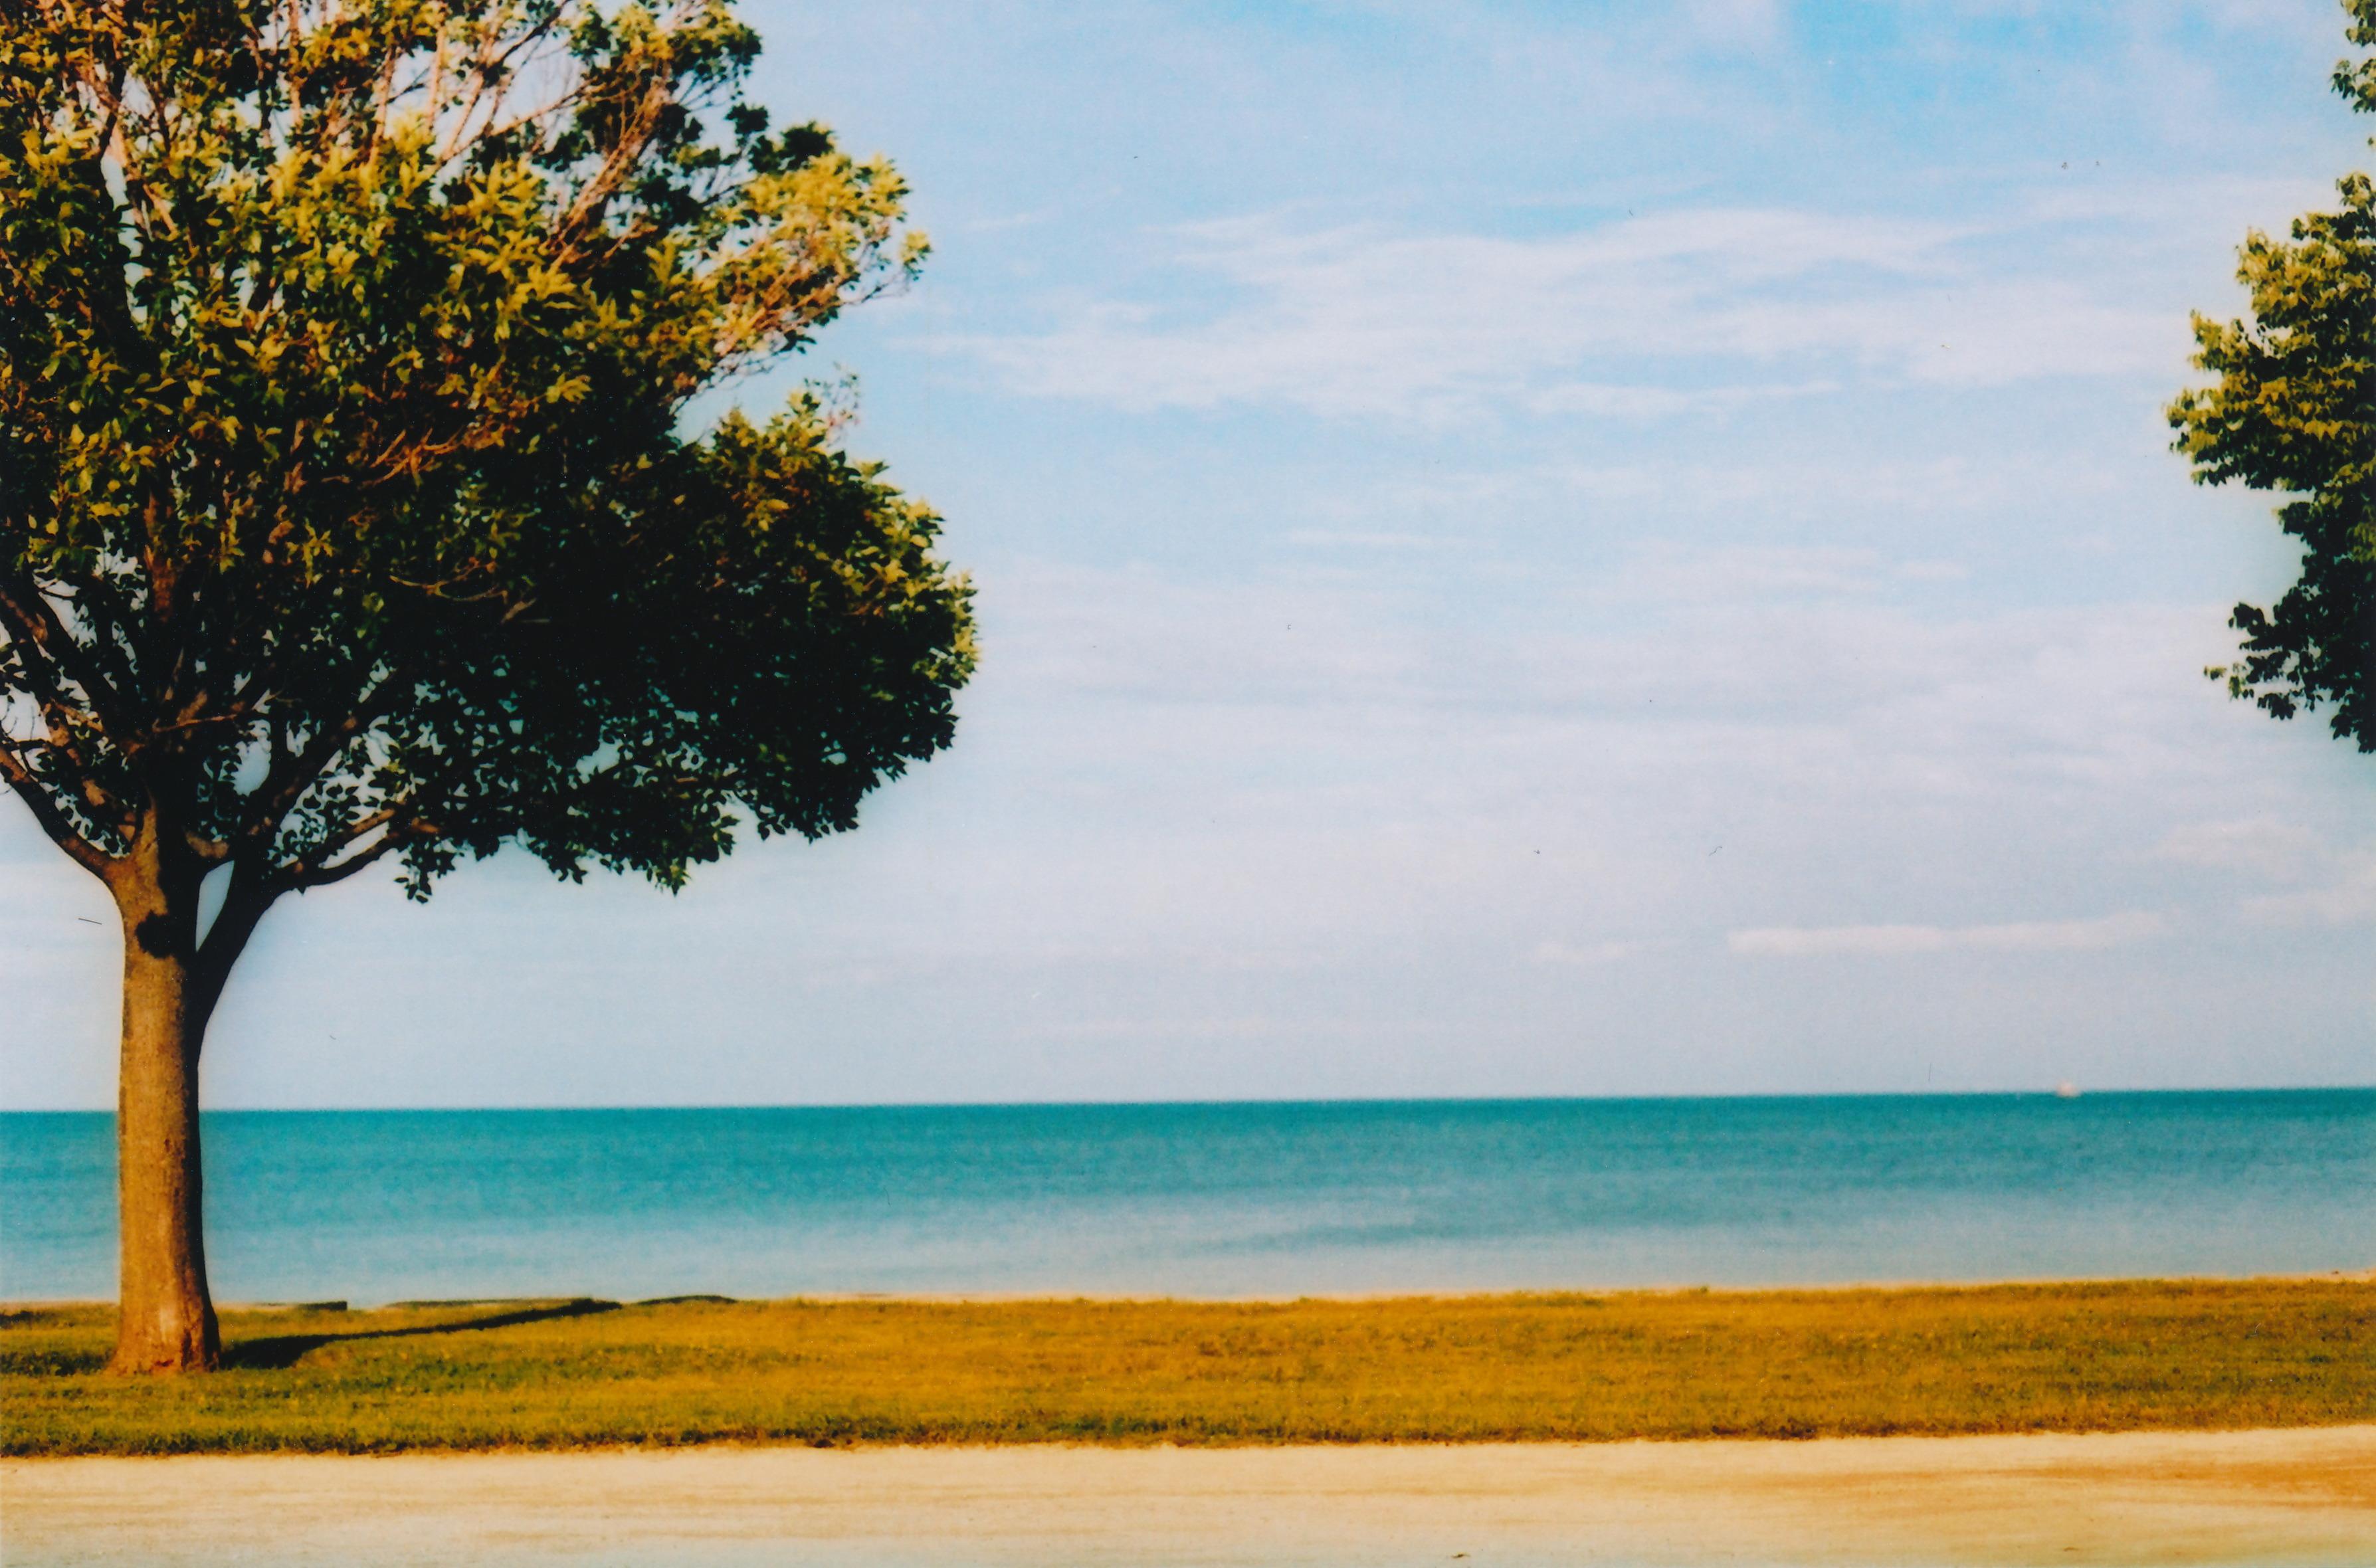 92 Koleksi gambar pemandangan pantai di pagi hari HD Terbaik